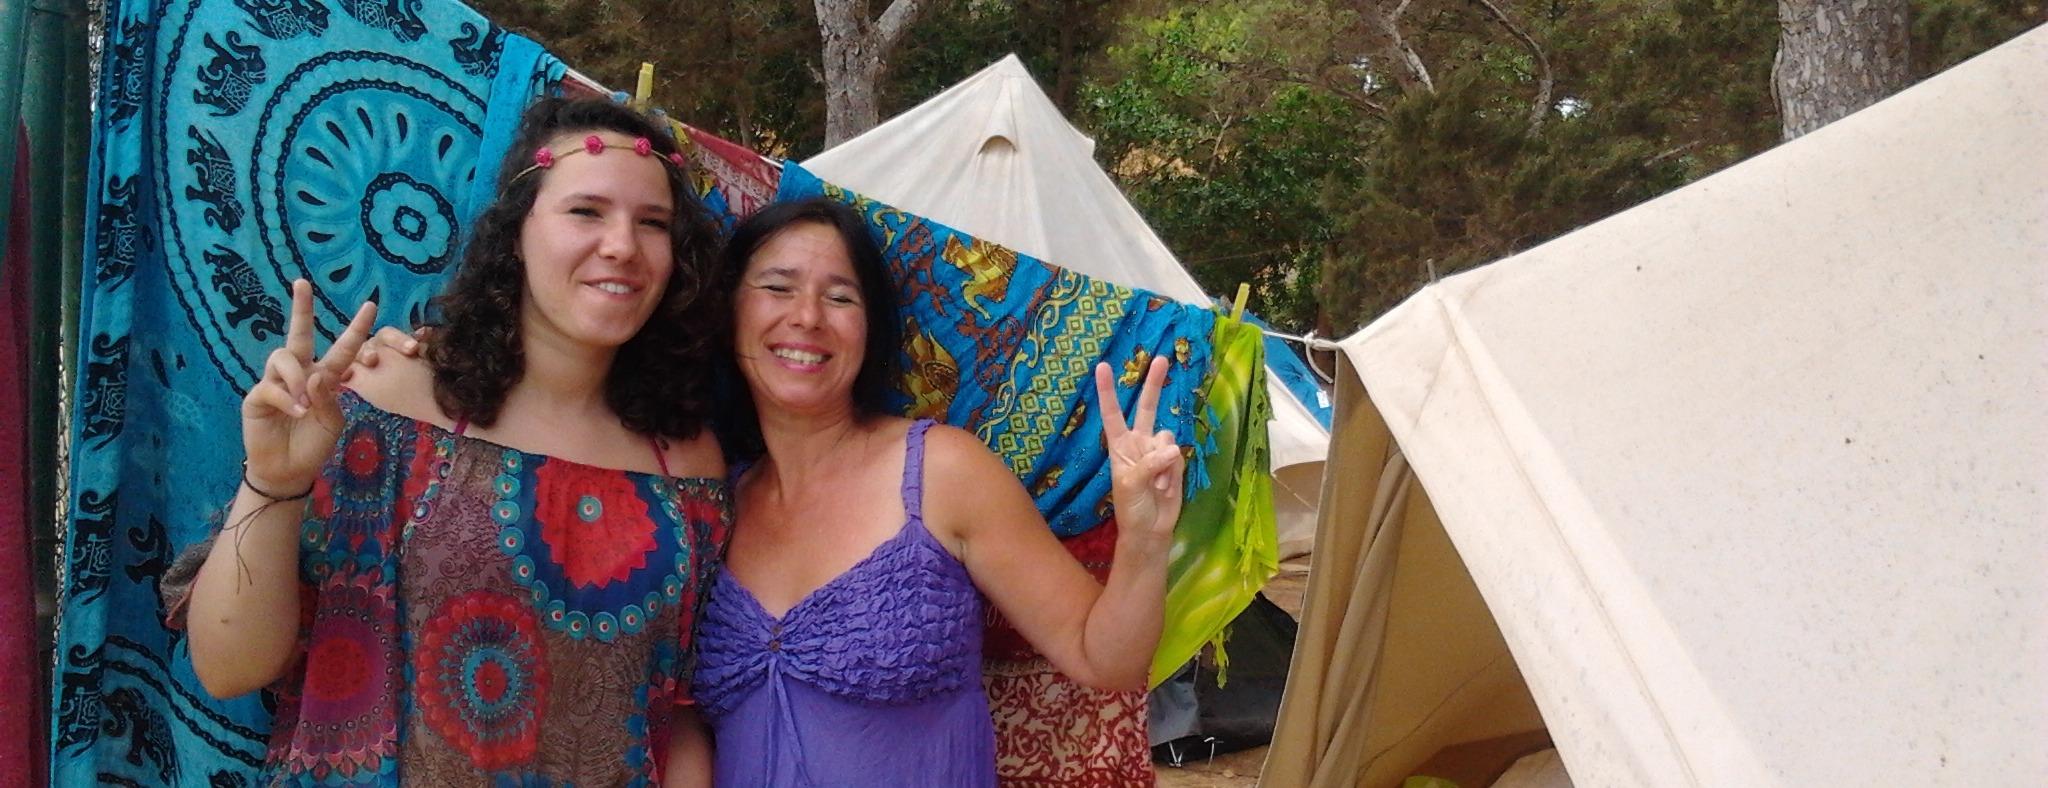 Coachreis voor vrouwen in de overgang op Ibiza met Eilandcoaching